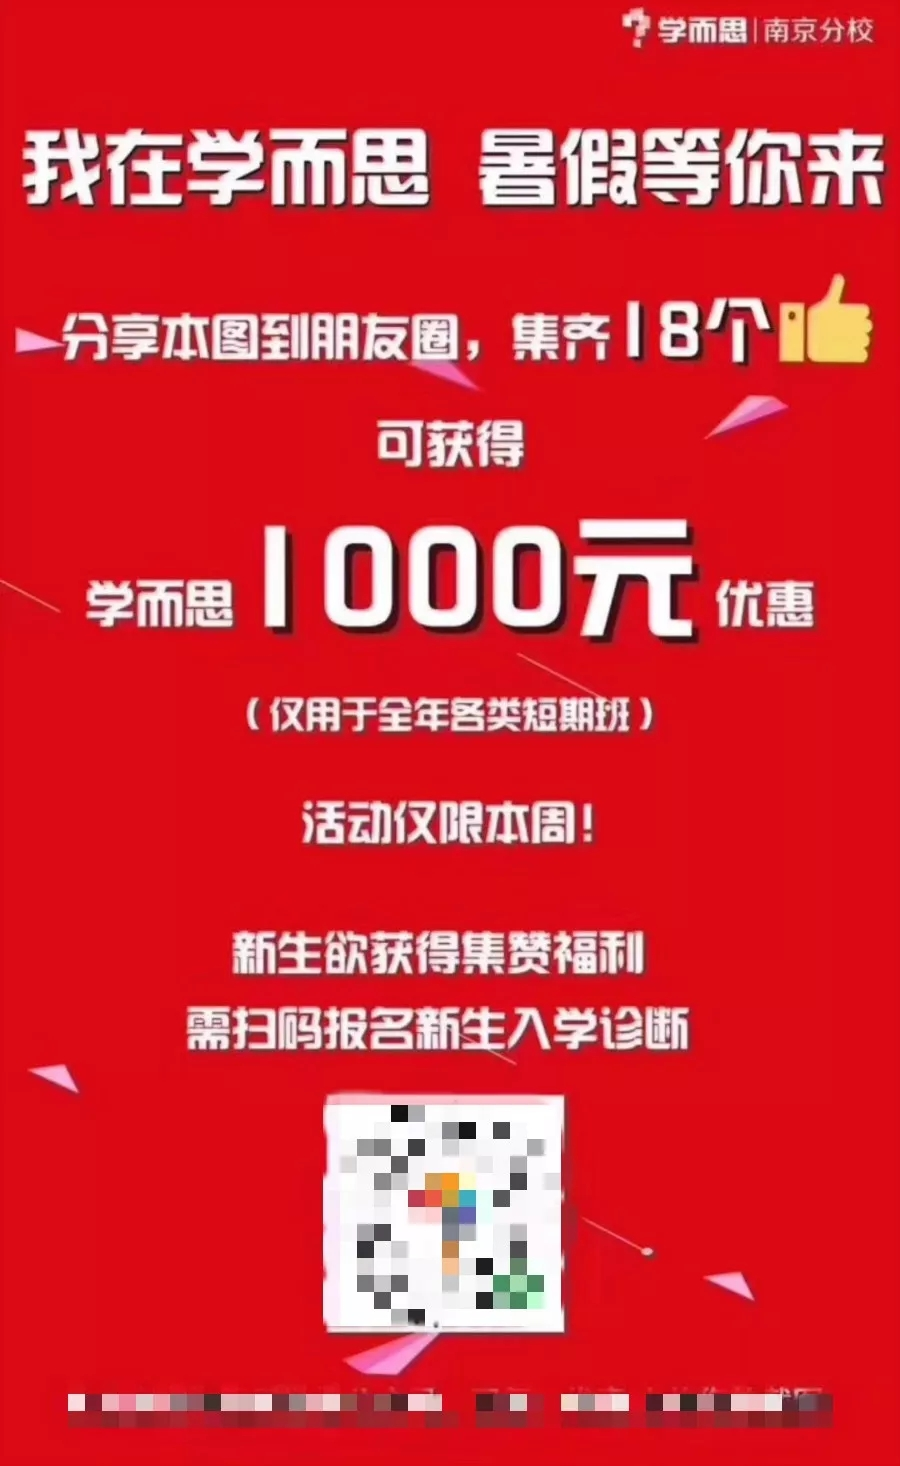 南京学而思刚被查就集赞营销 被指公开叫板教育部门